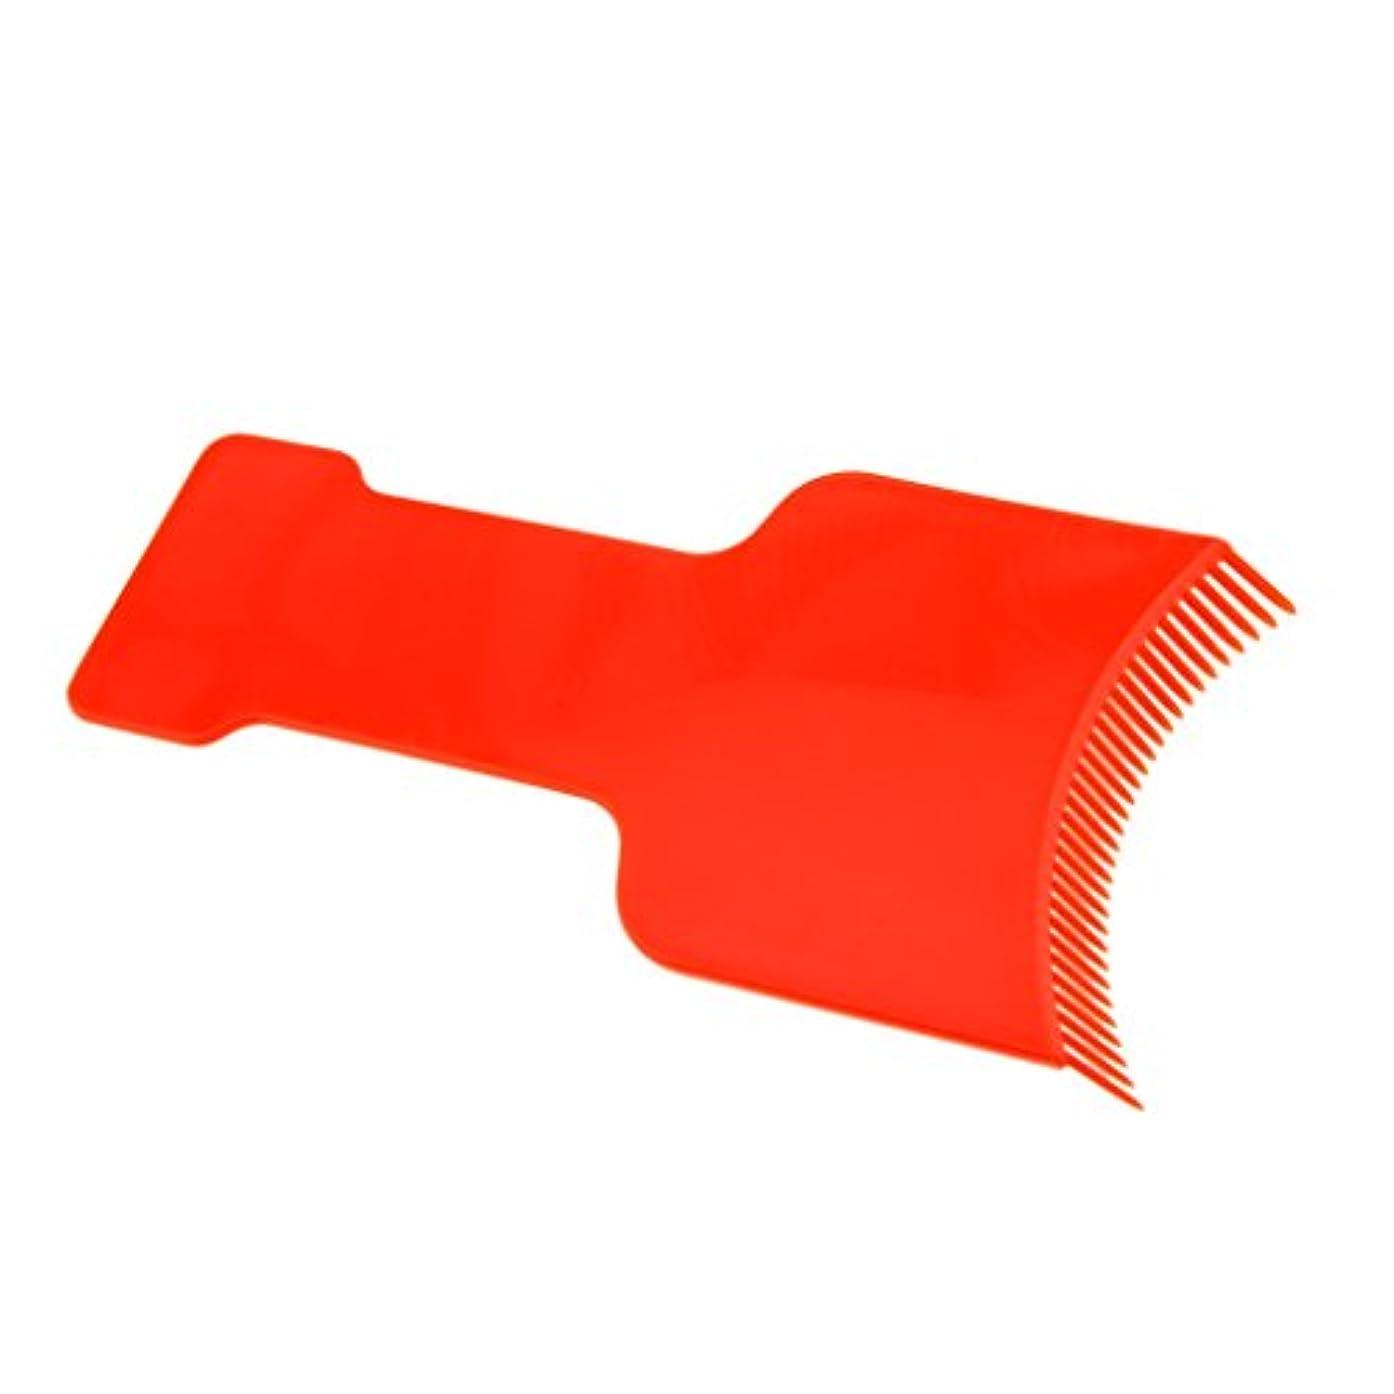 養うお互いバンガローヘアカラーボード サロン ヘアカラー ボード ヘアカラーティントプレート 理髪 美容院